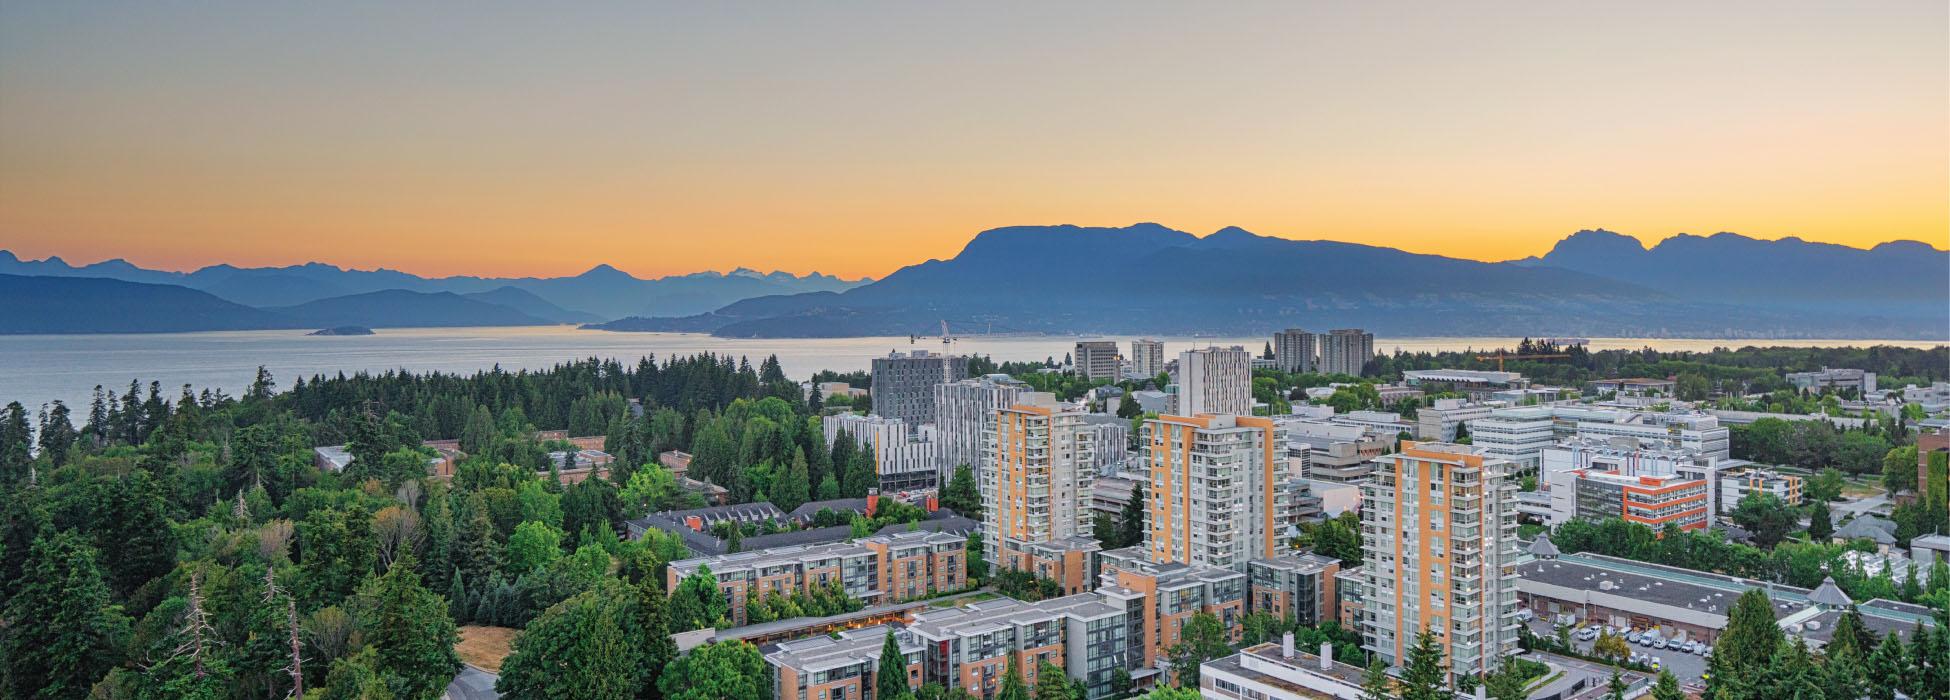 University of British Columbia World University Rankings   THE